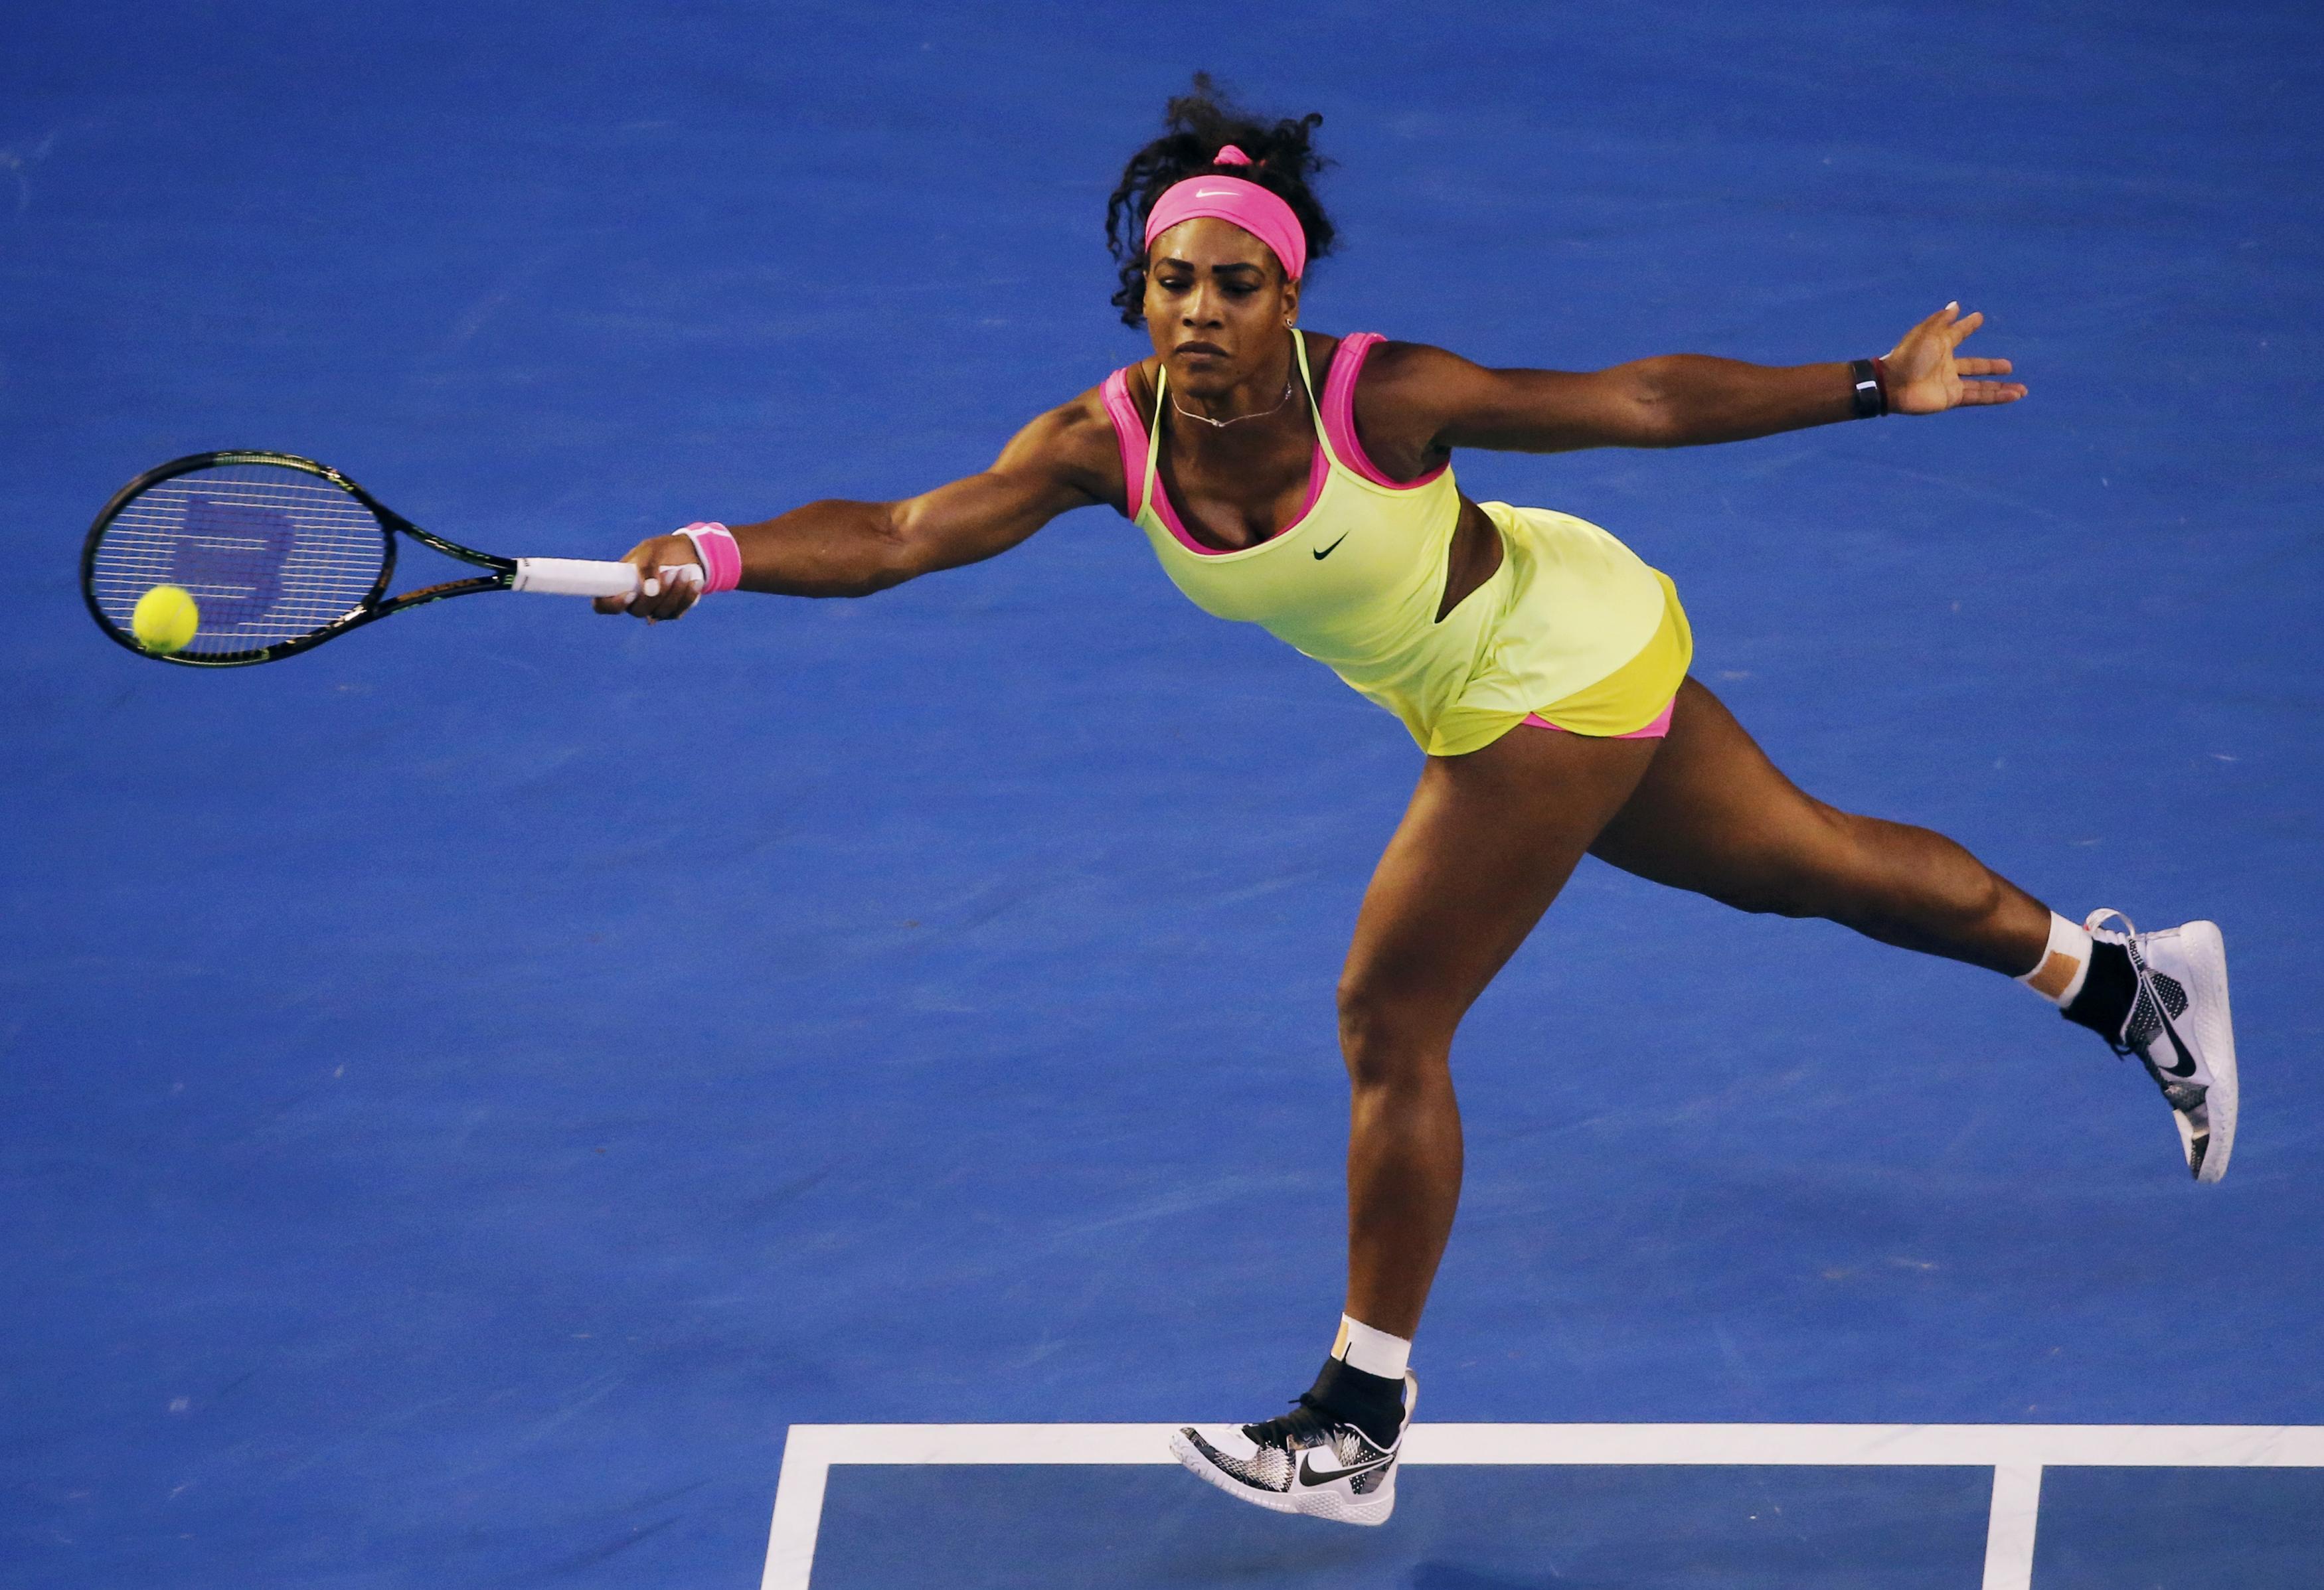 теннис австралия опен 2014 схема стадиона